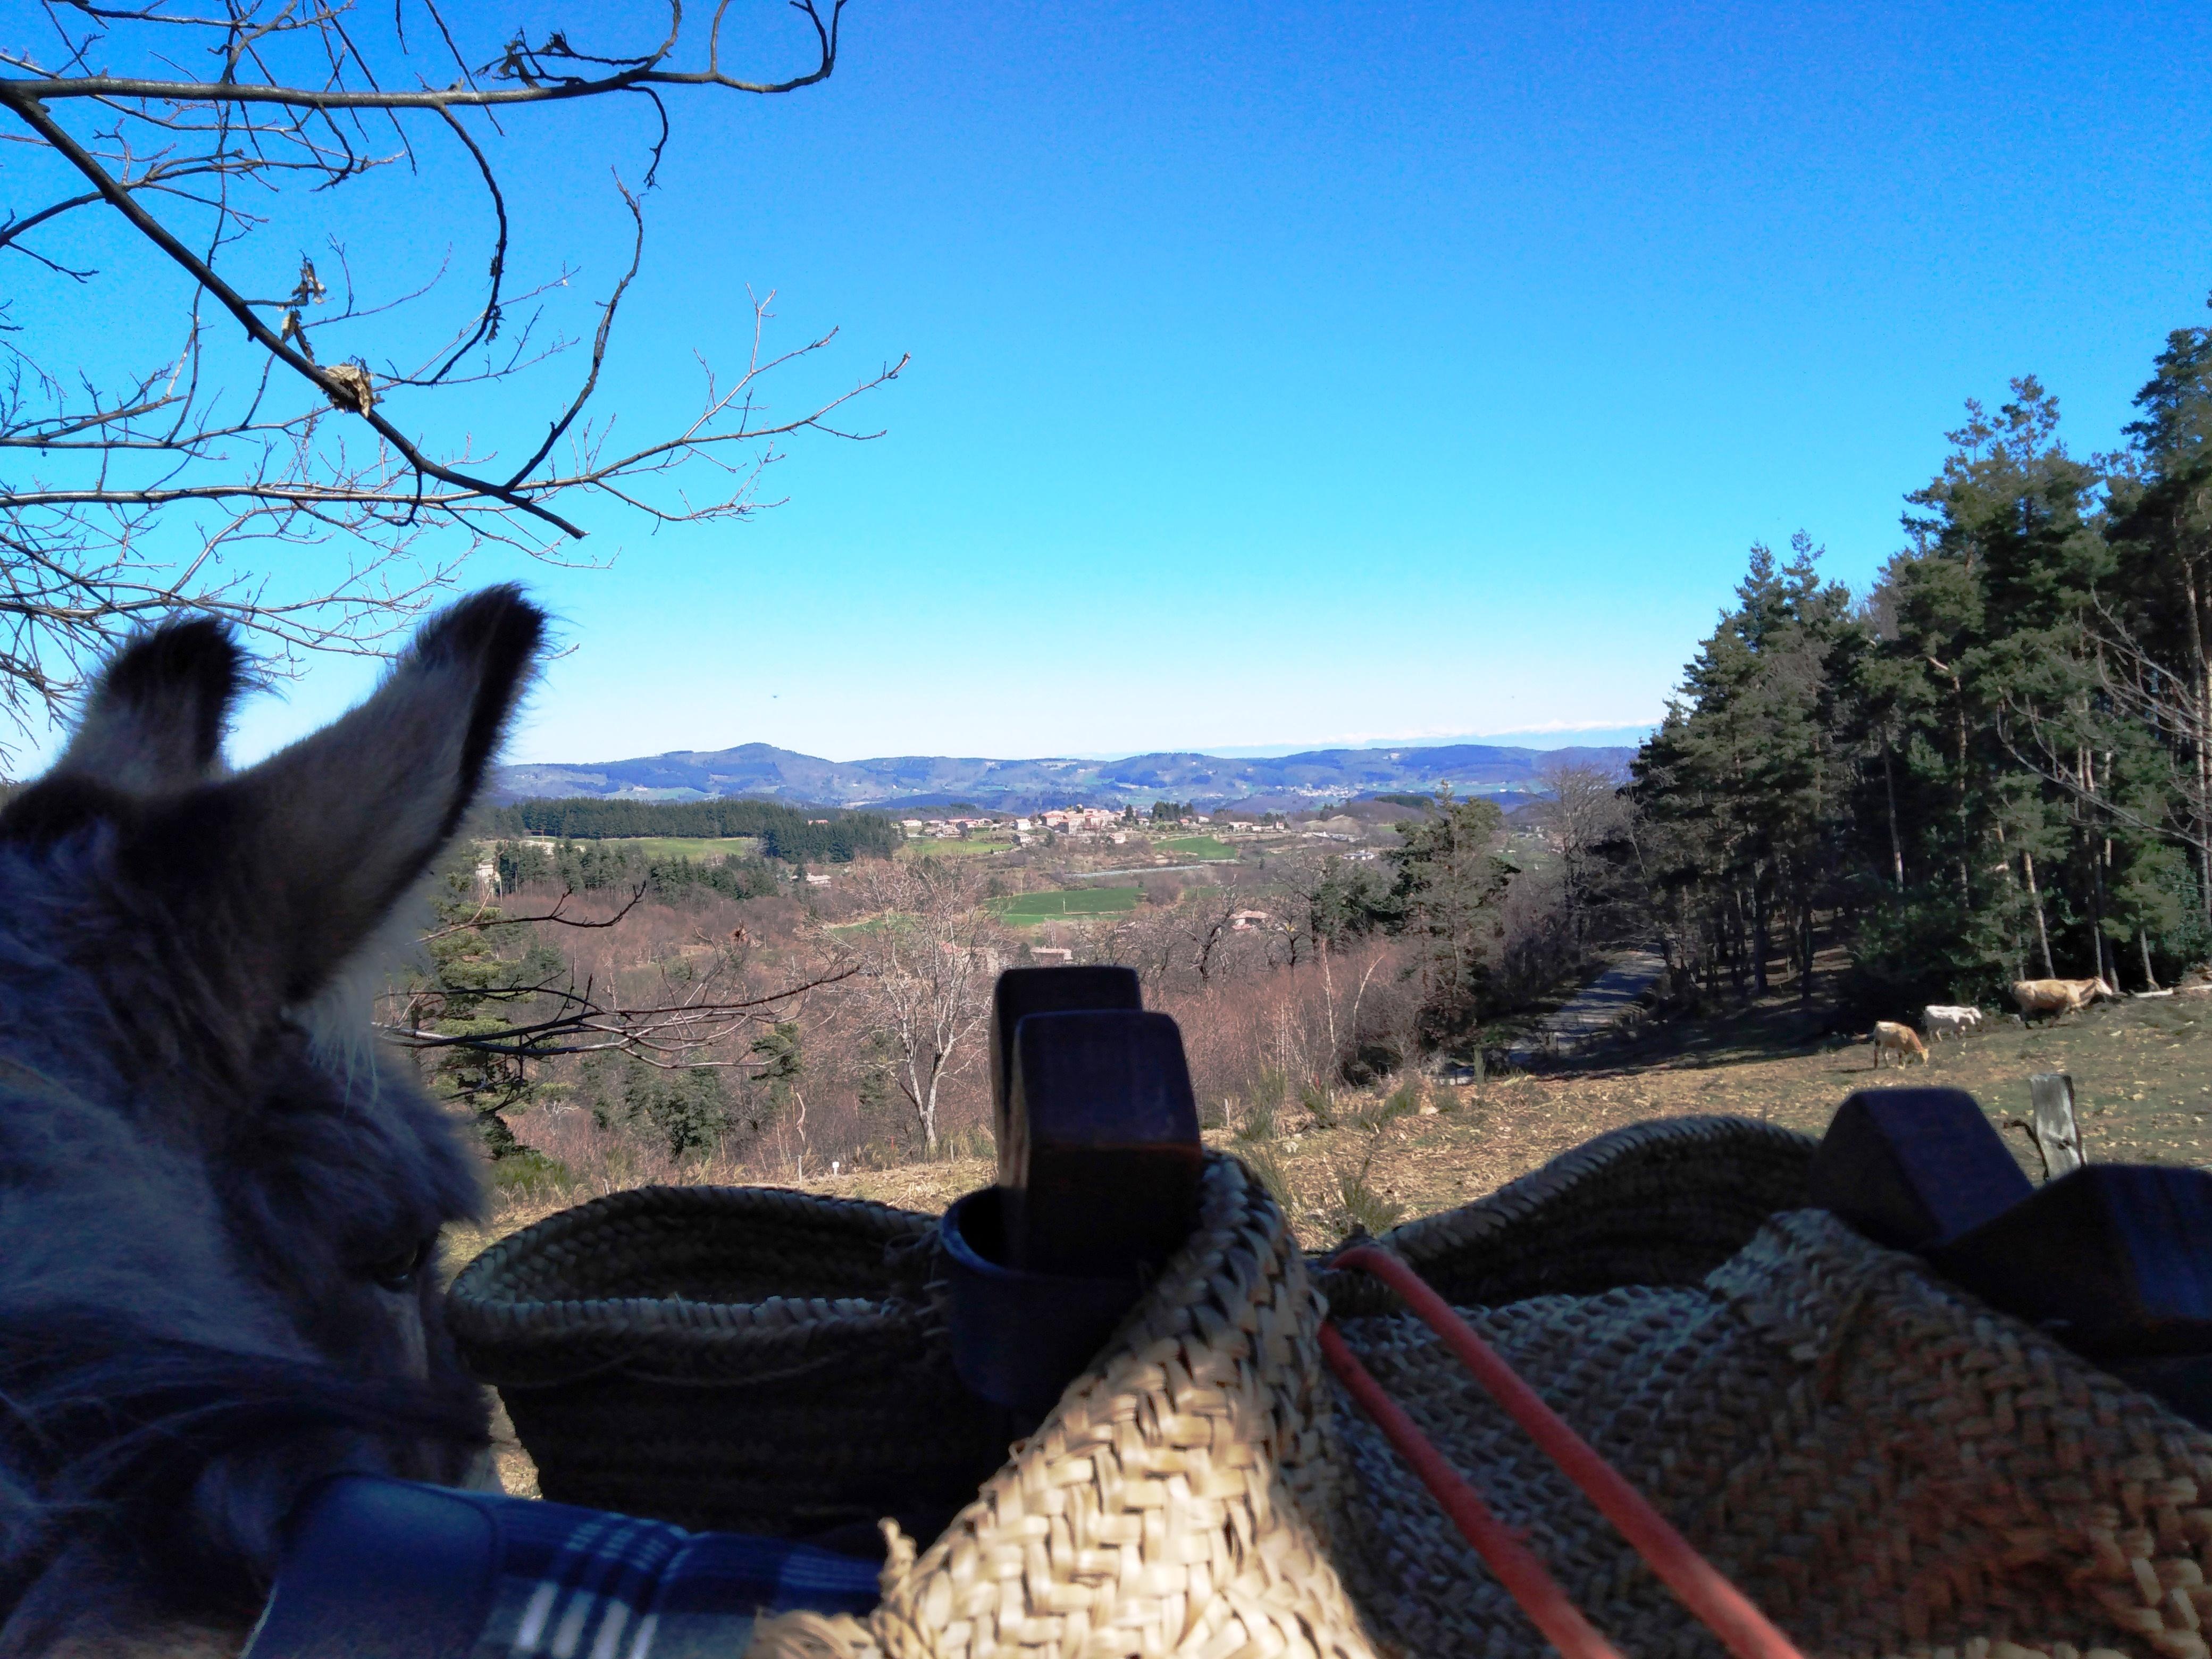 Activités sportives : Ânes sans frontières - randonnées avec des ânes